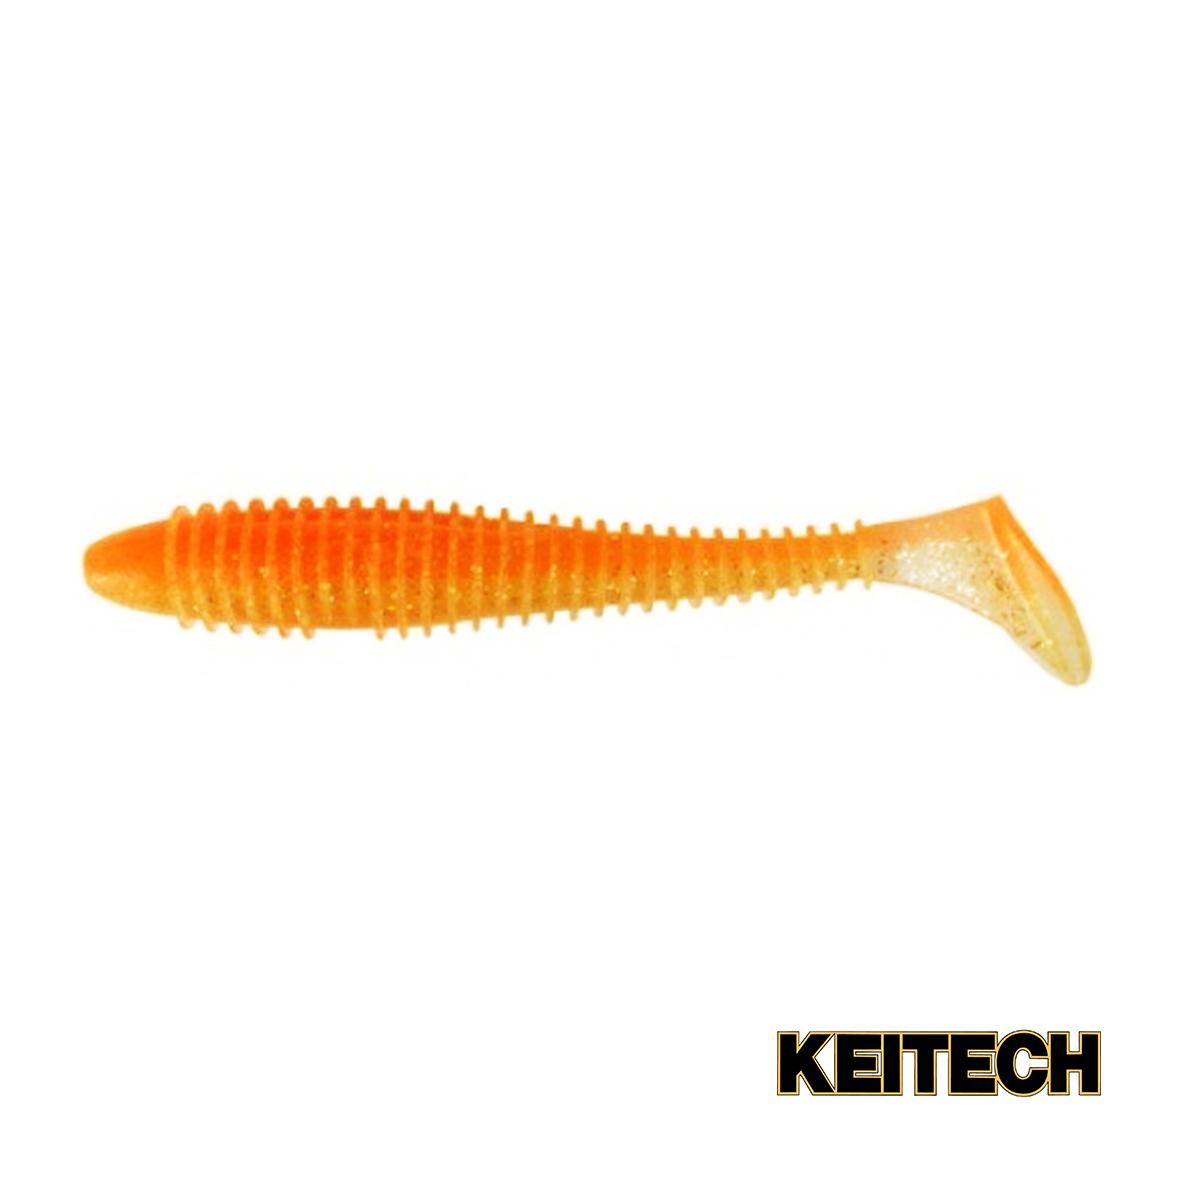 """Силикон Keitech Swing Impact FAT 4.8"""" (5 шт/упак) ц:ea#06 orange"""